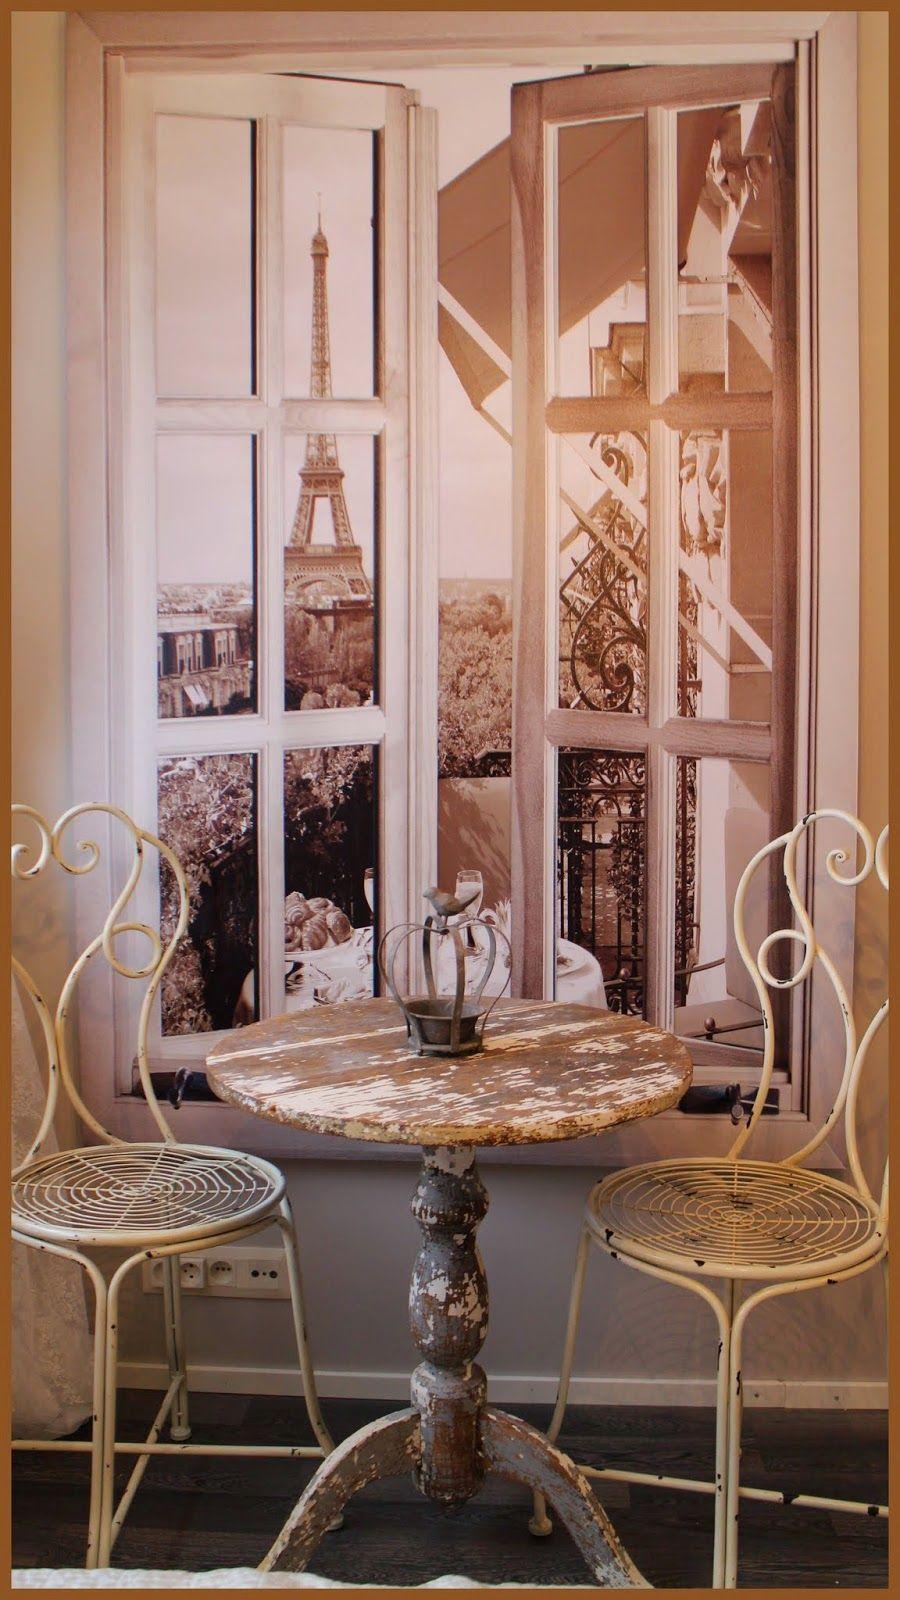 Captivating Pariisi Nurkkaus (maisema On Canvas Taulu) Gallery